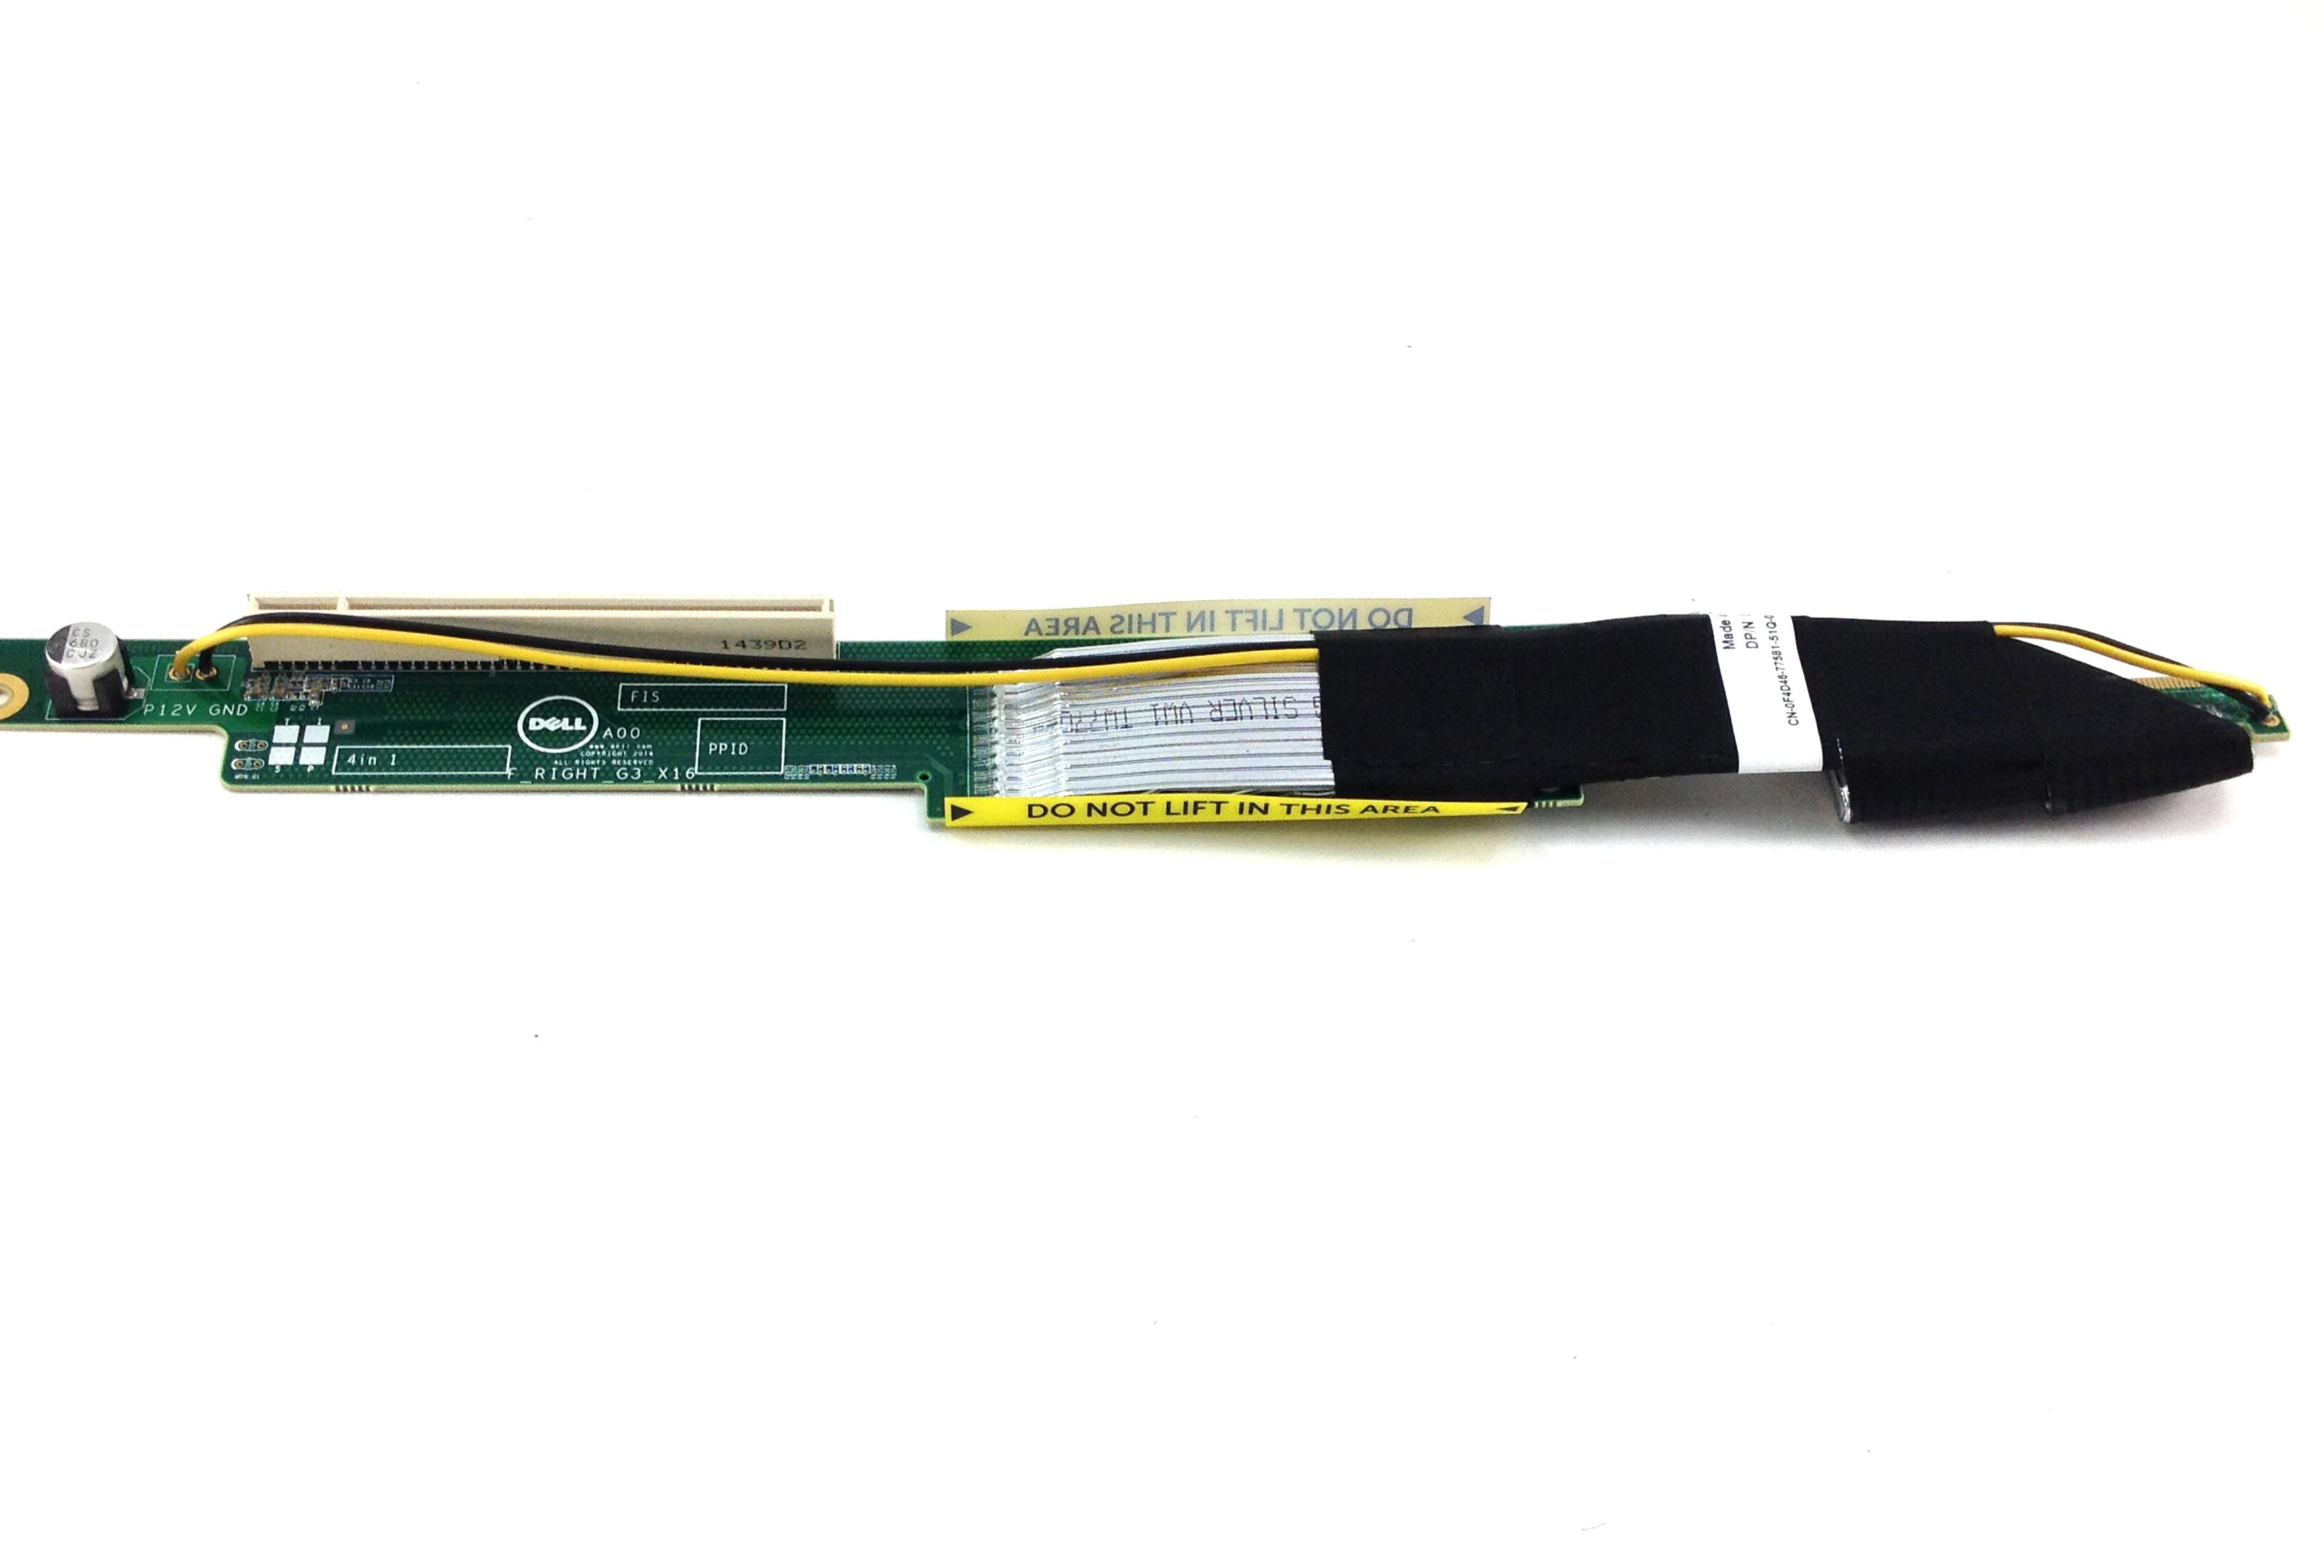 Dell PowerEdge C4130 PCI-E Riser Card With Gpu Cable Bay 3/1 (XJ43P)